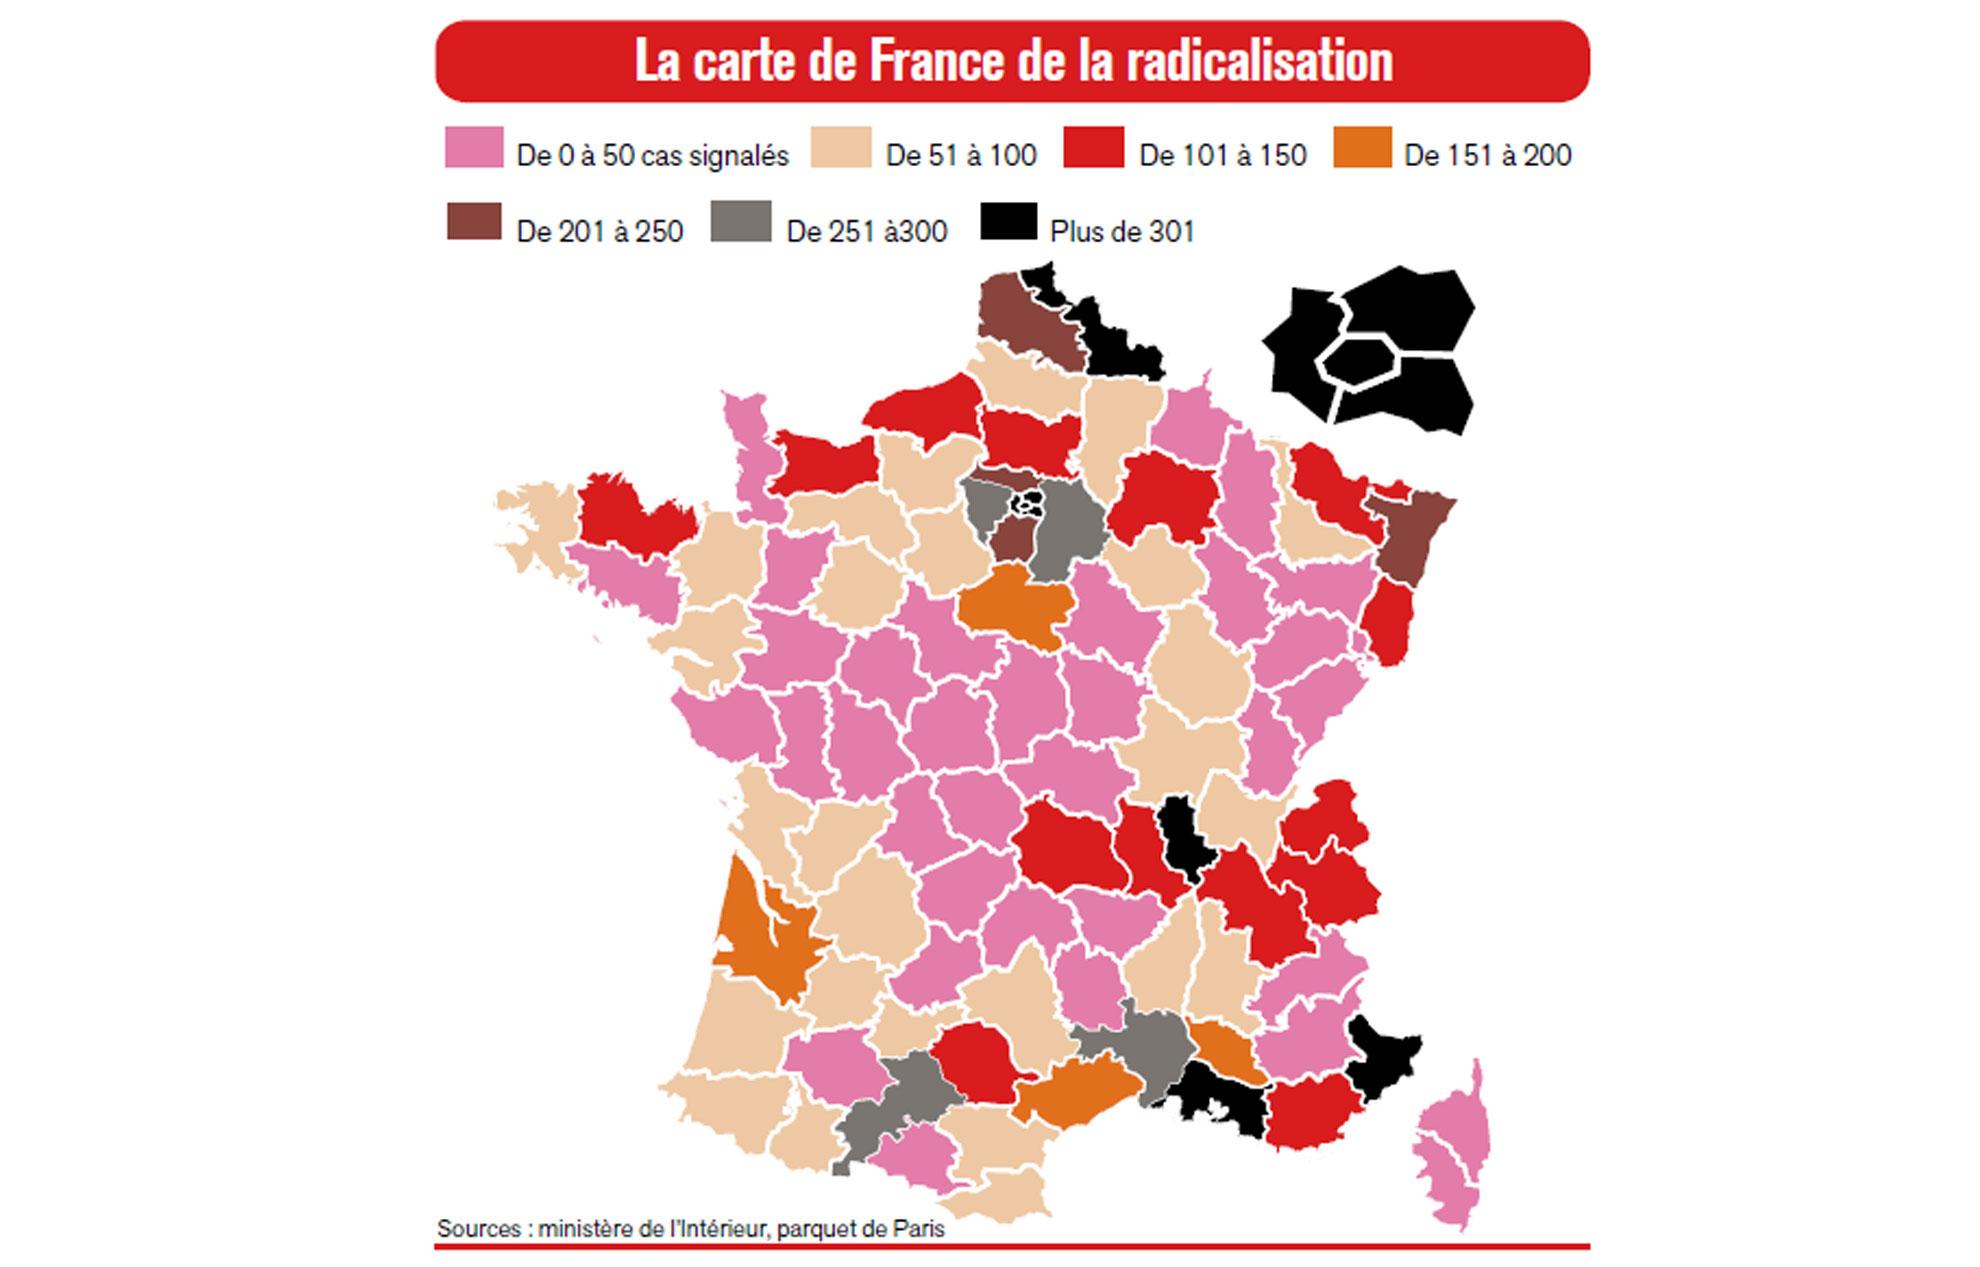 La Carte De France De La Radicalisation Islamique dedans Combien De Departement En France